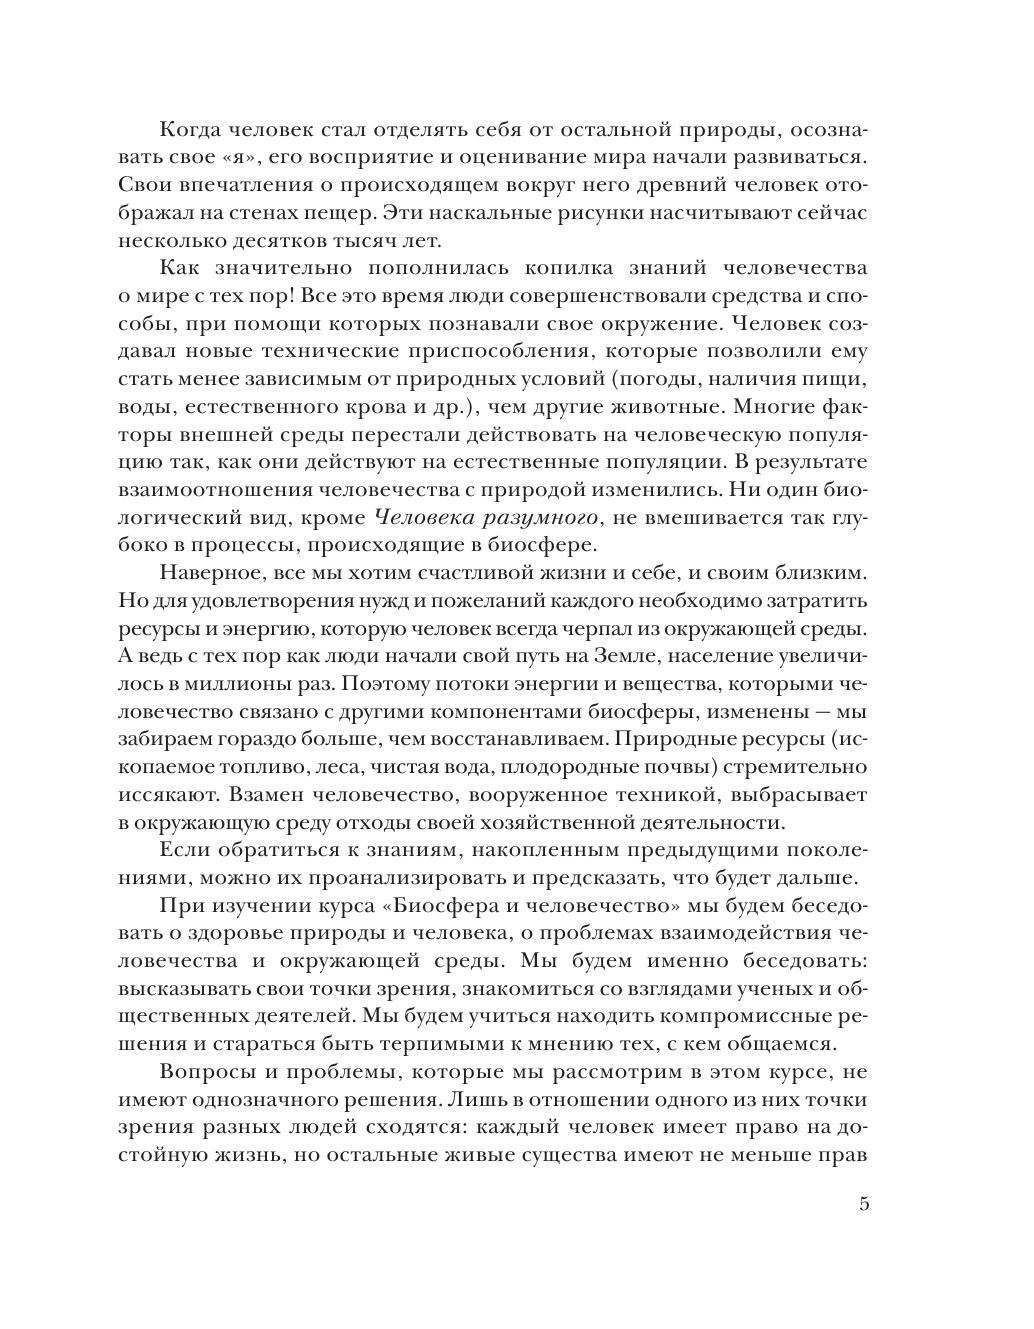 Экология. 9 класс. Биосфера и человечество. Учебное пособие - страница 5